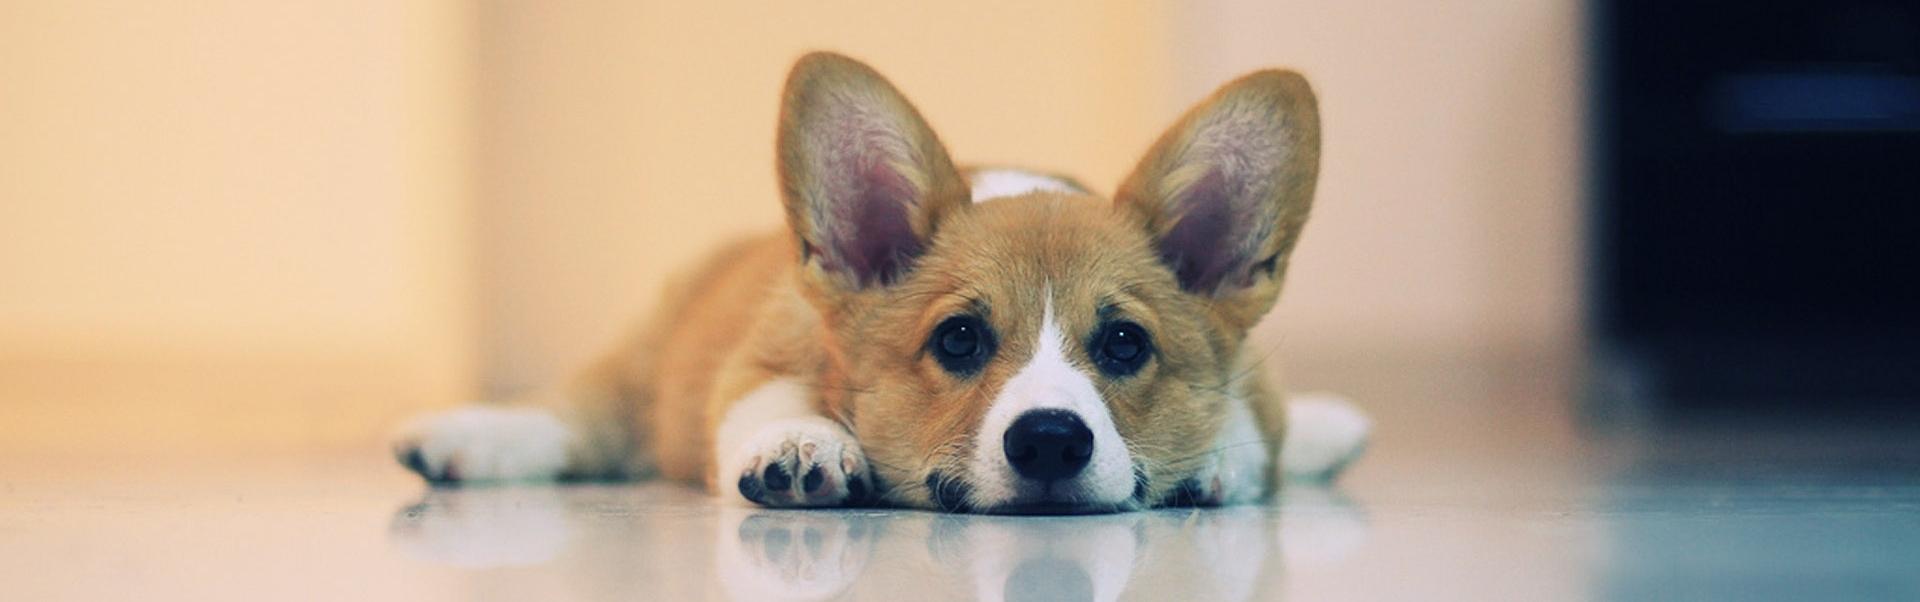 Curăţarea urechilor la câini – de ce şi cum să faci asta într-un mod cât mai corect